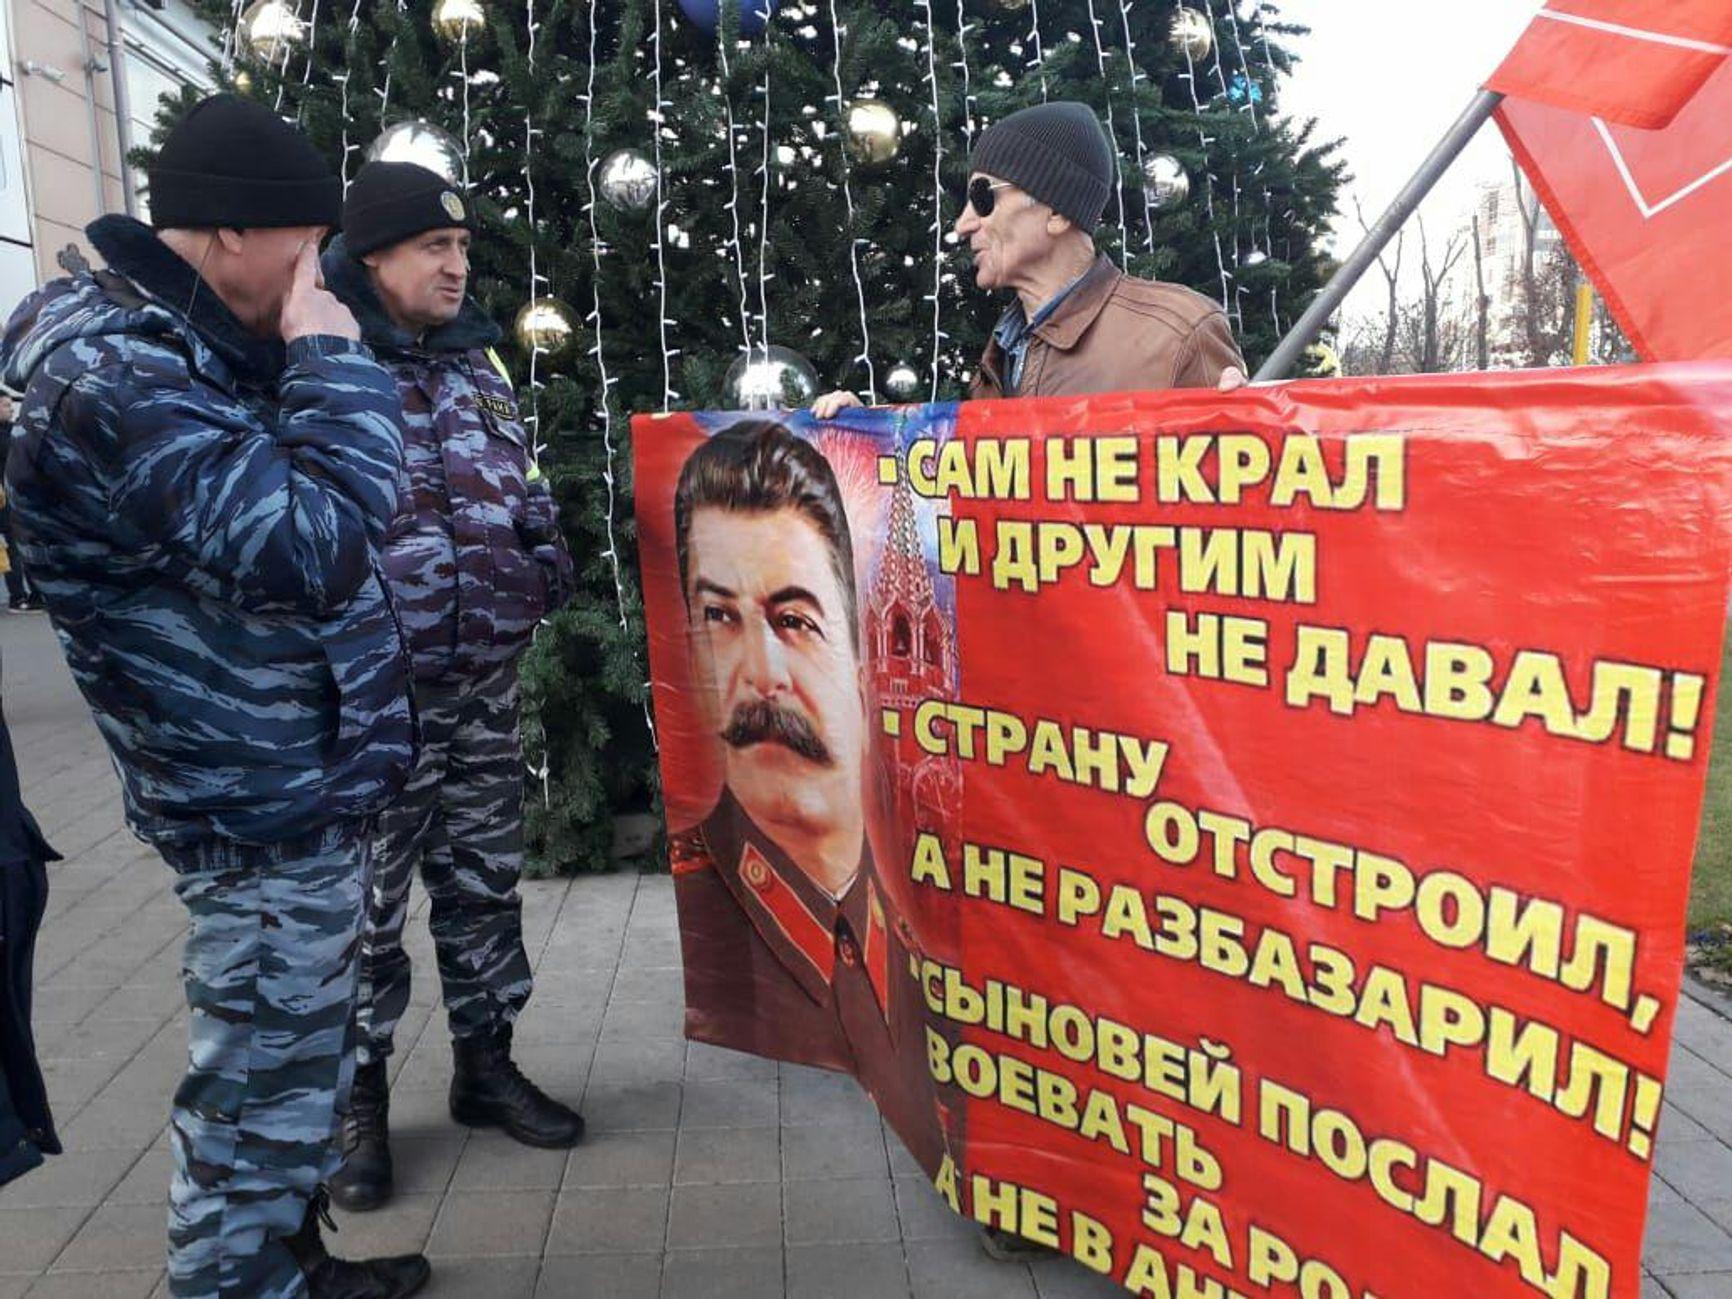 Краснодар, 2019 г. День рождения Сталина: против этих пикетов полиция не возражает